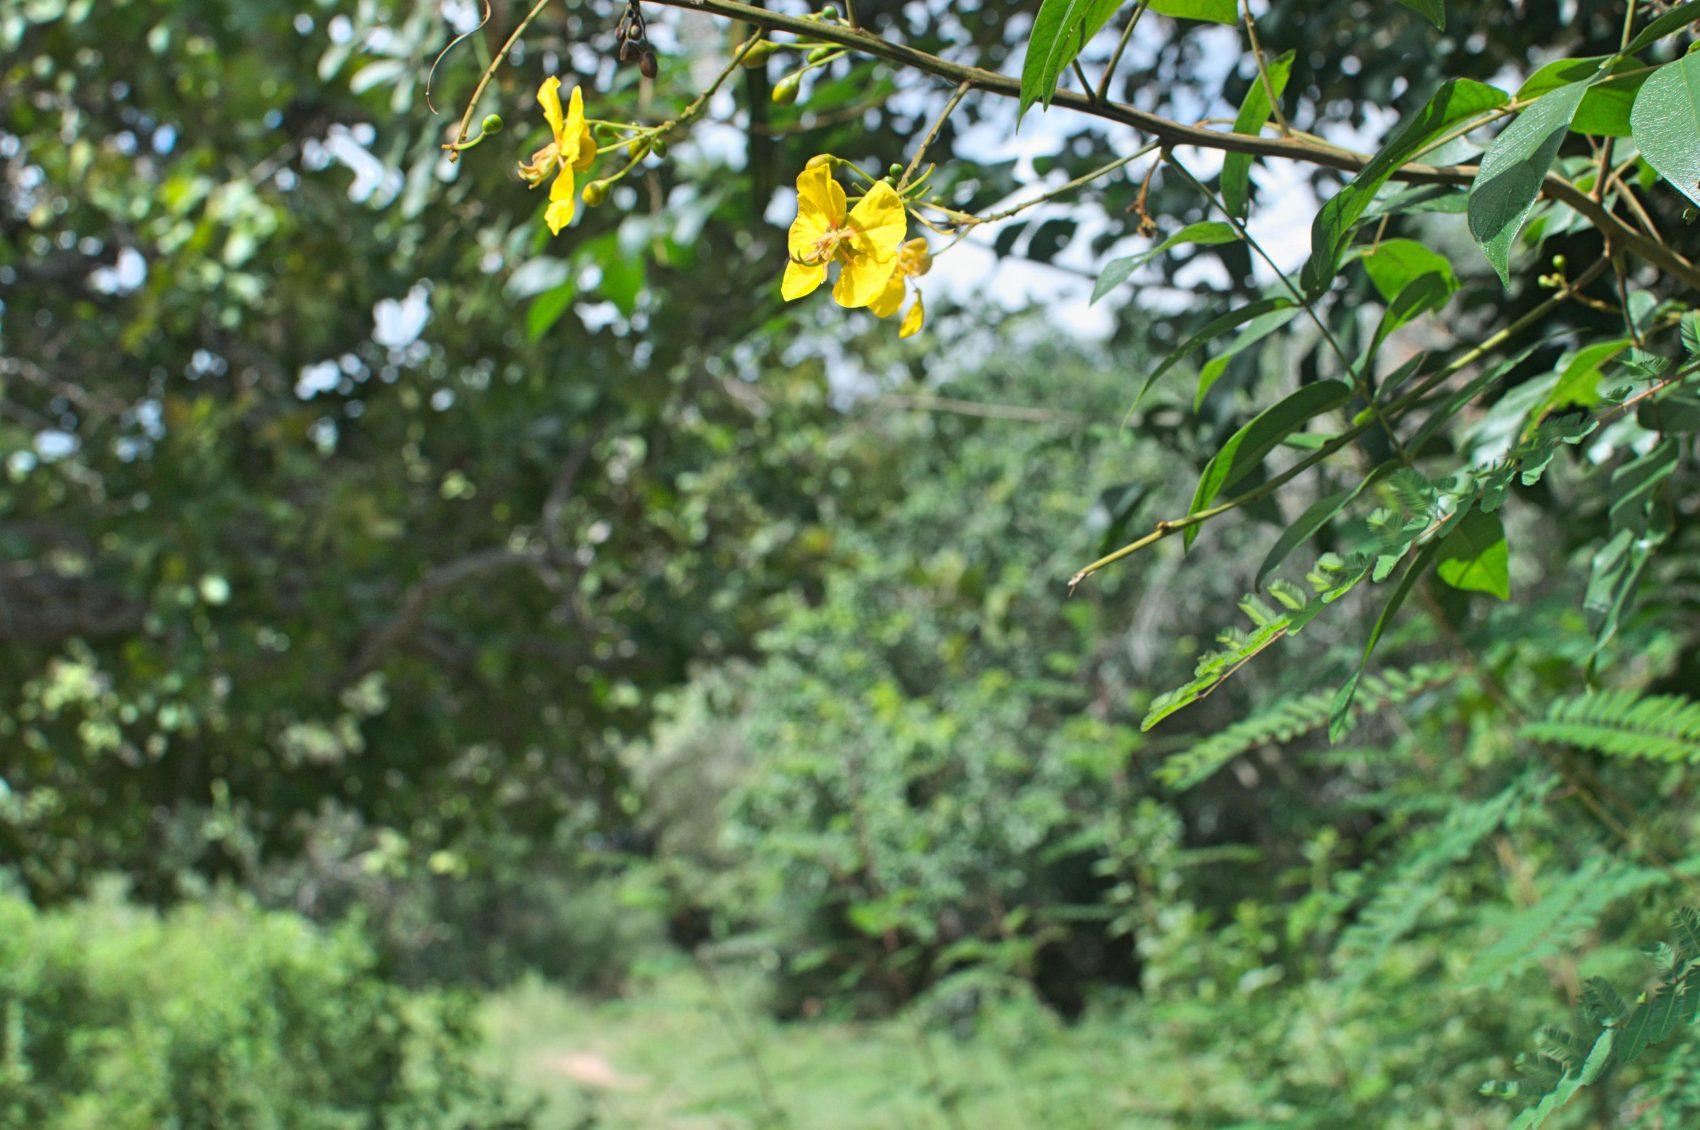 Fedegoso do Cerrado: a mata do bioma tem muito a oferecer (Foto Flavia Milhorance)